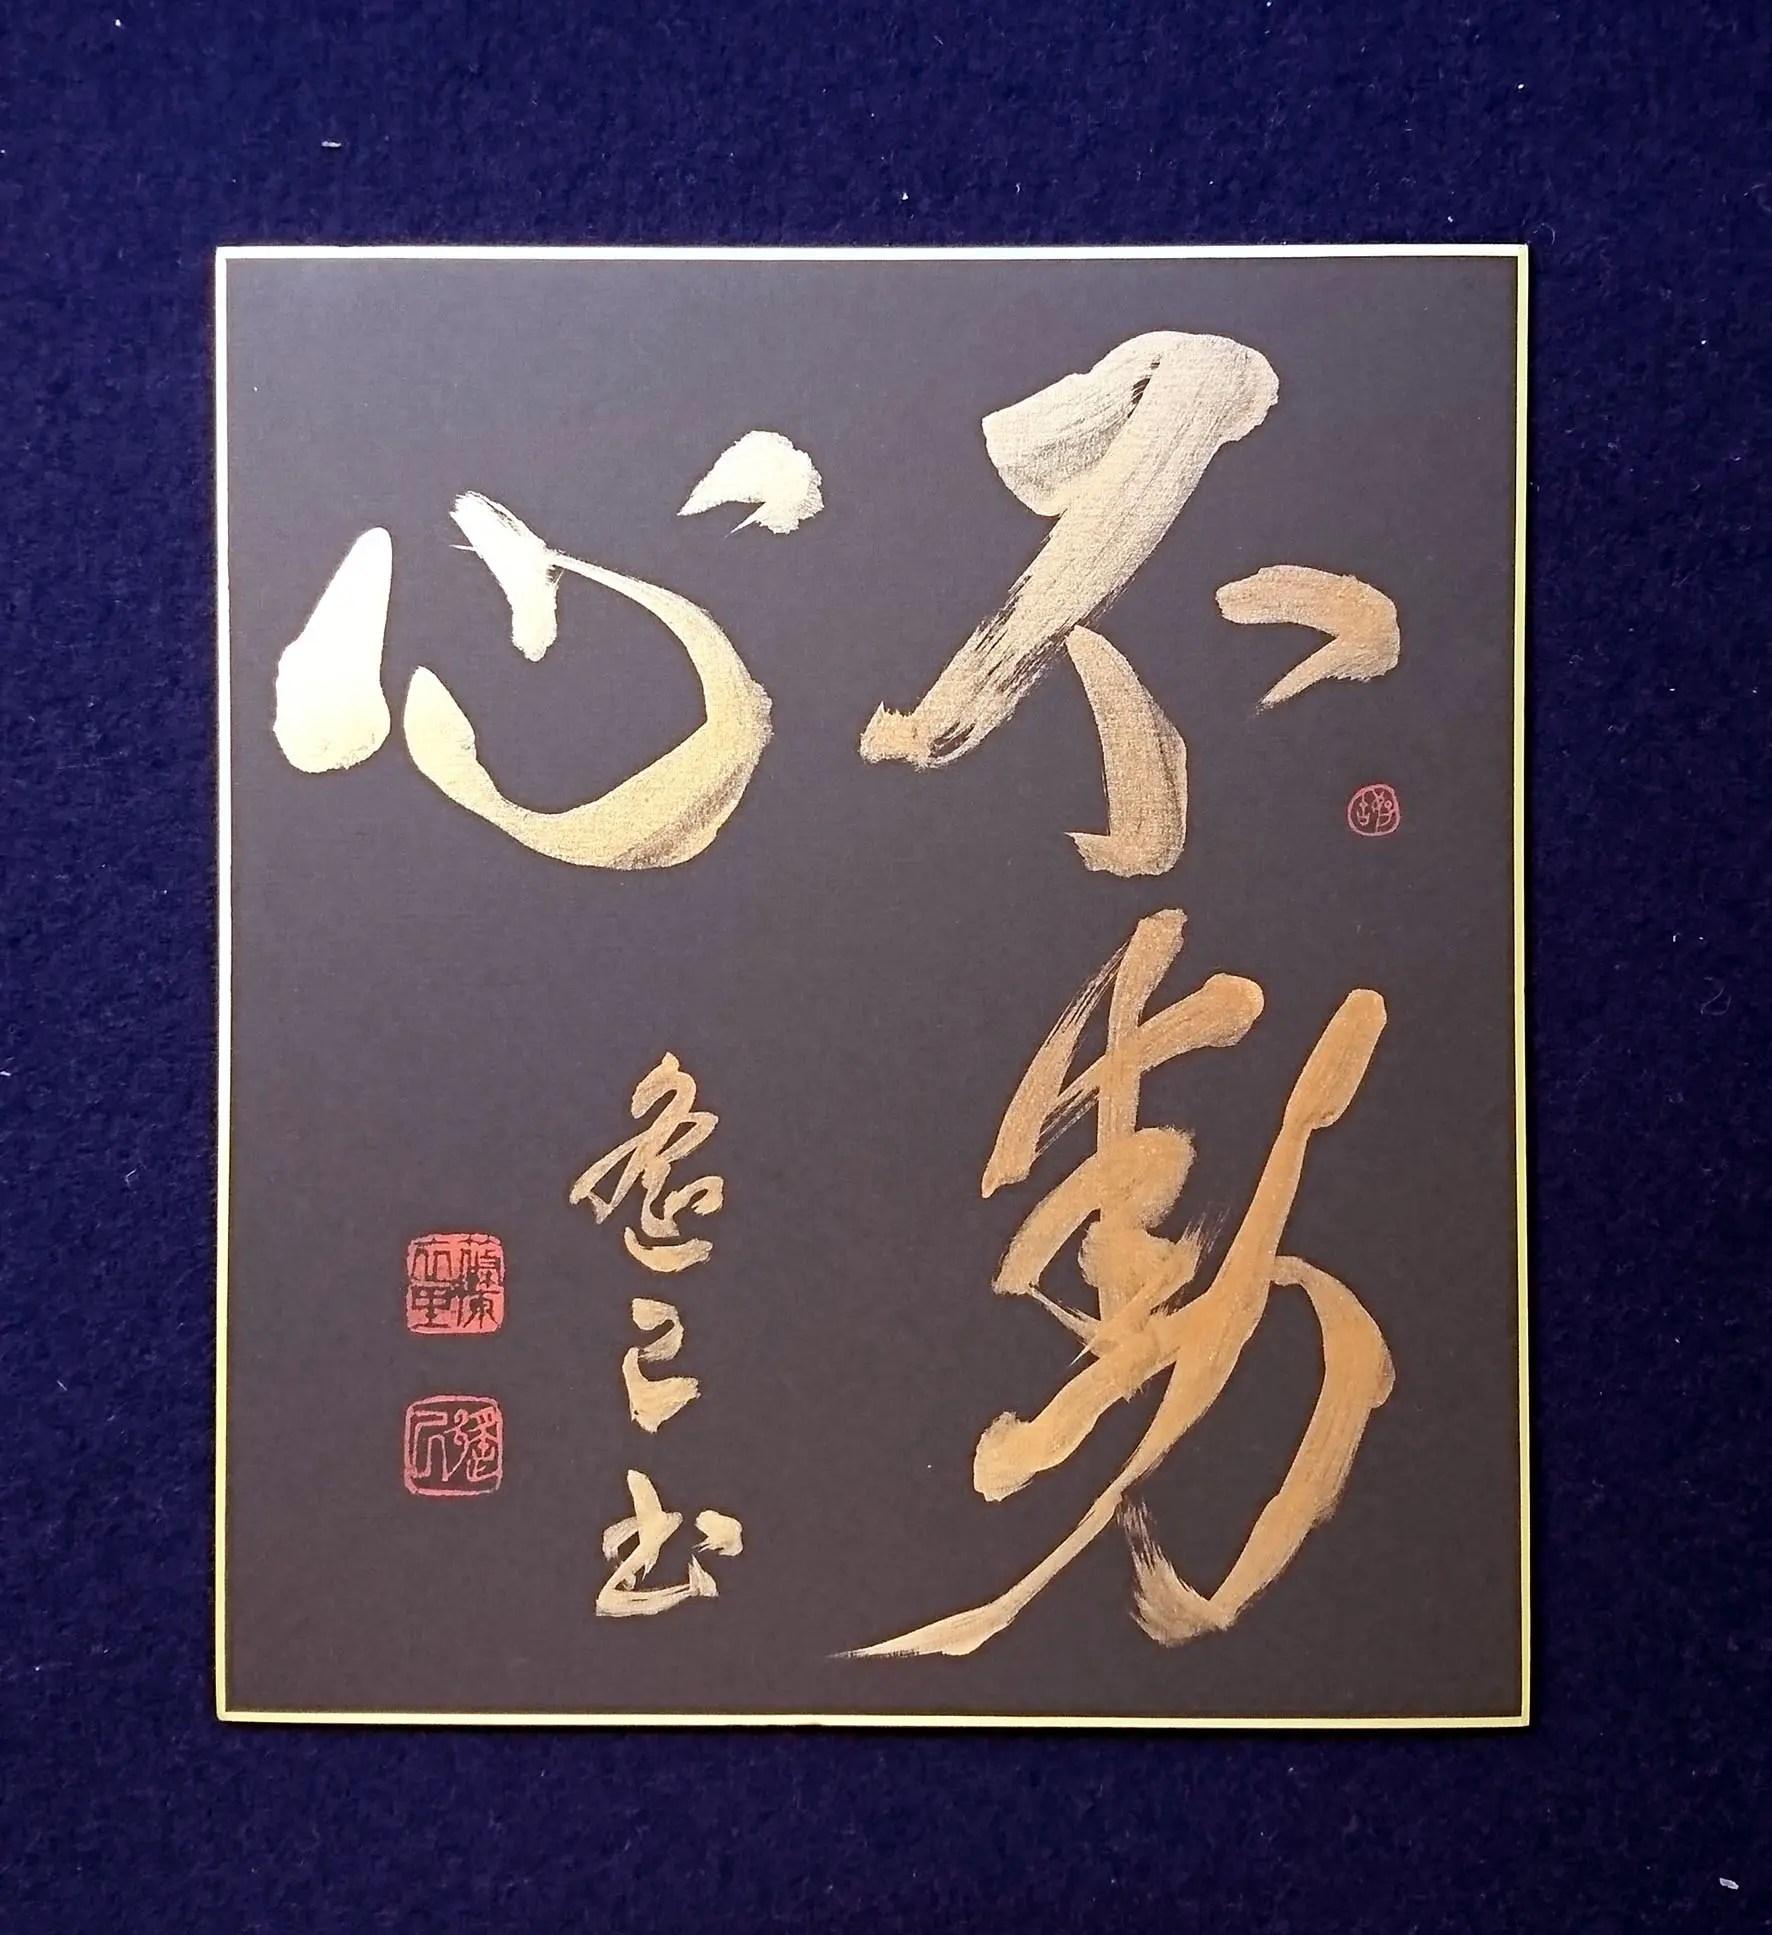 芸術からの効用【大色紙作品のご感想】鎌倉市長谷の書道教室